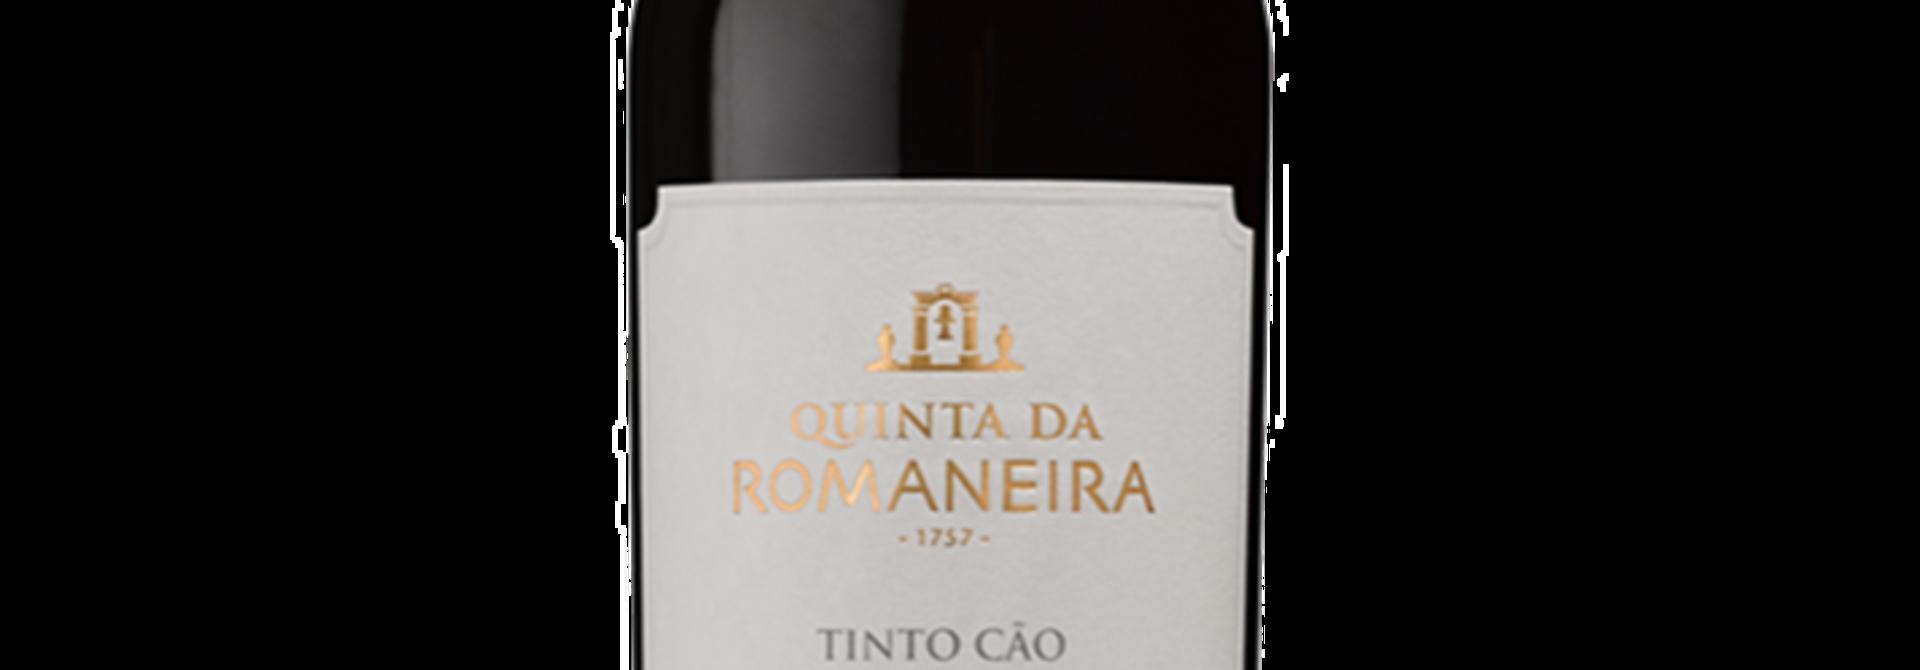 Quinta da Romaneira Tinto Cão 2017